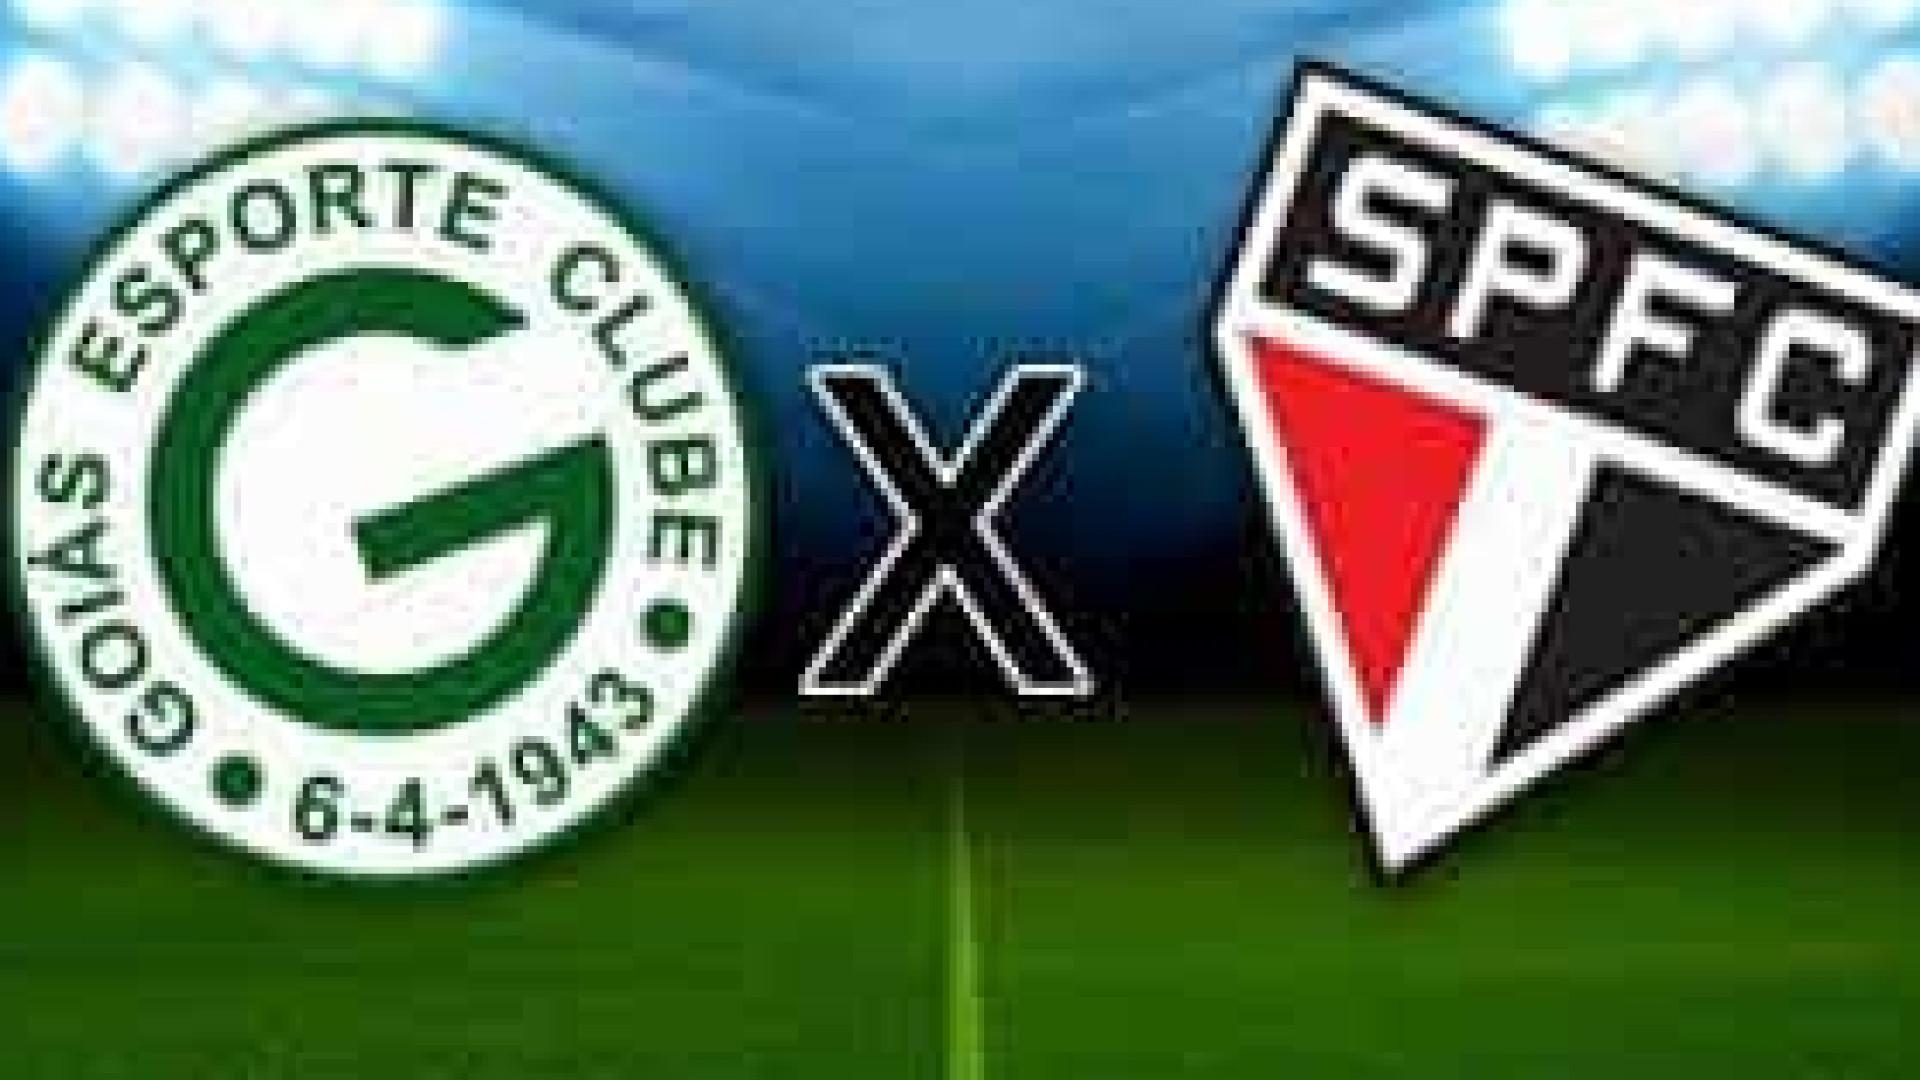 Com testes positivos para covid-19 no Goiás, jogo é suspenso